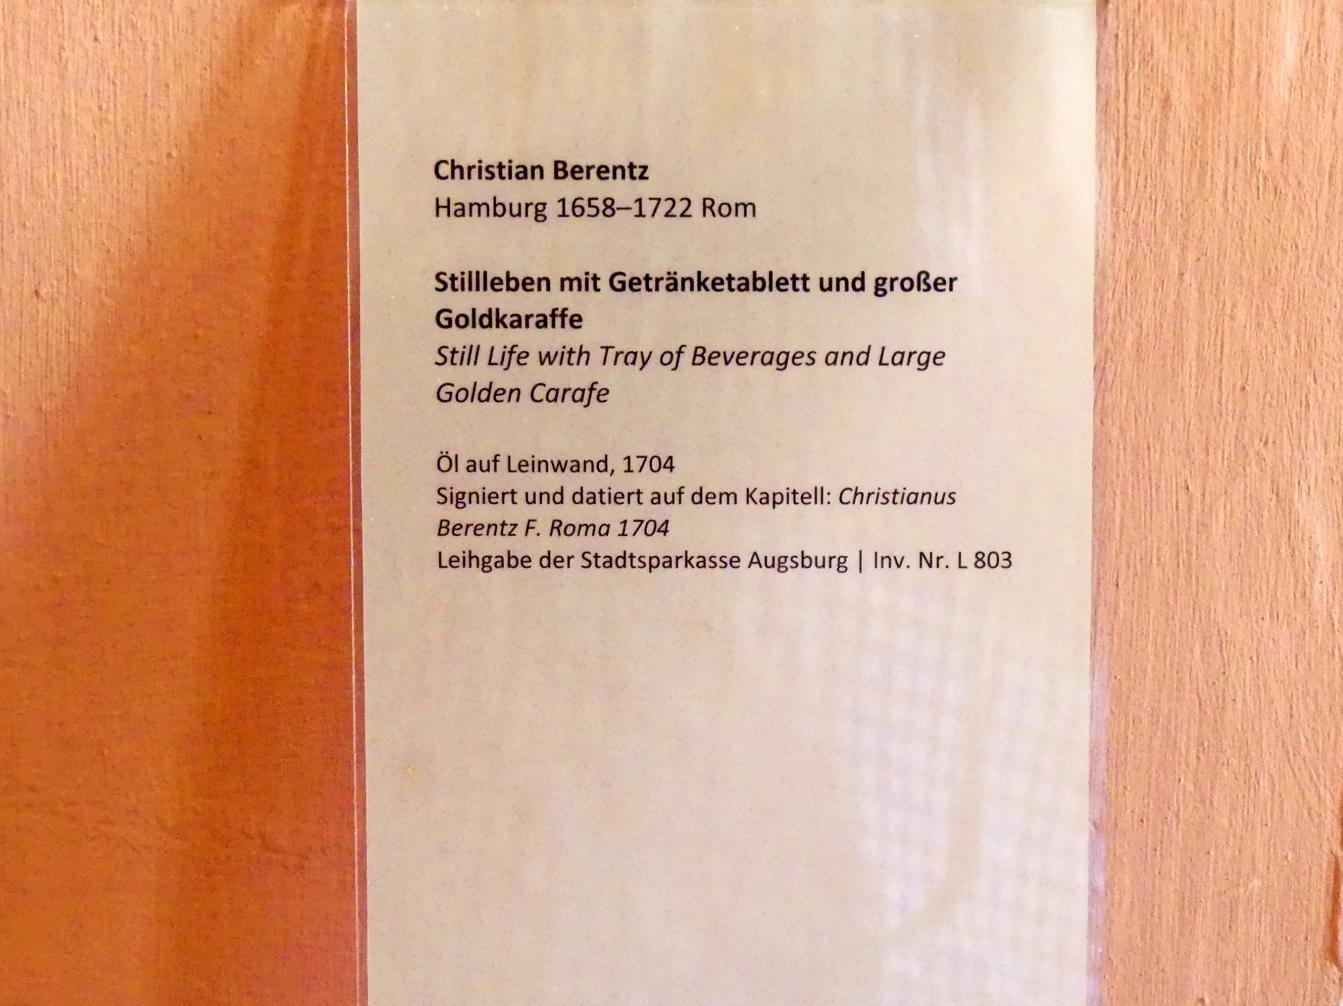 Christian Berentz: Stillleben mit Getränketablett und großer Goldkaraffe, 1704, Bild 2/3